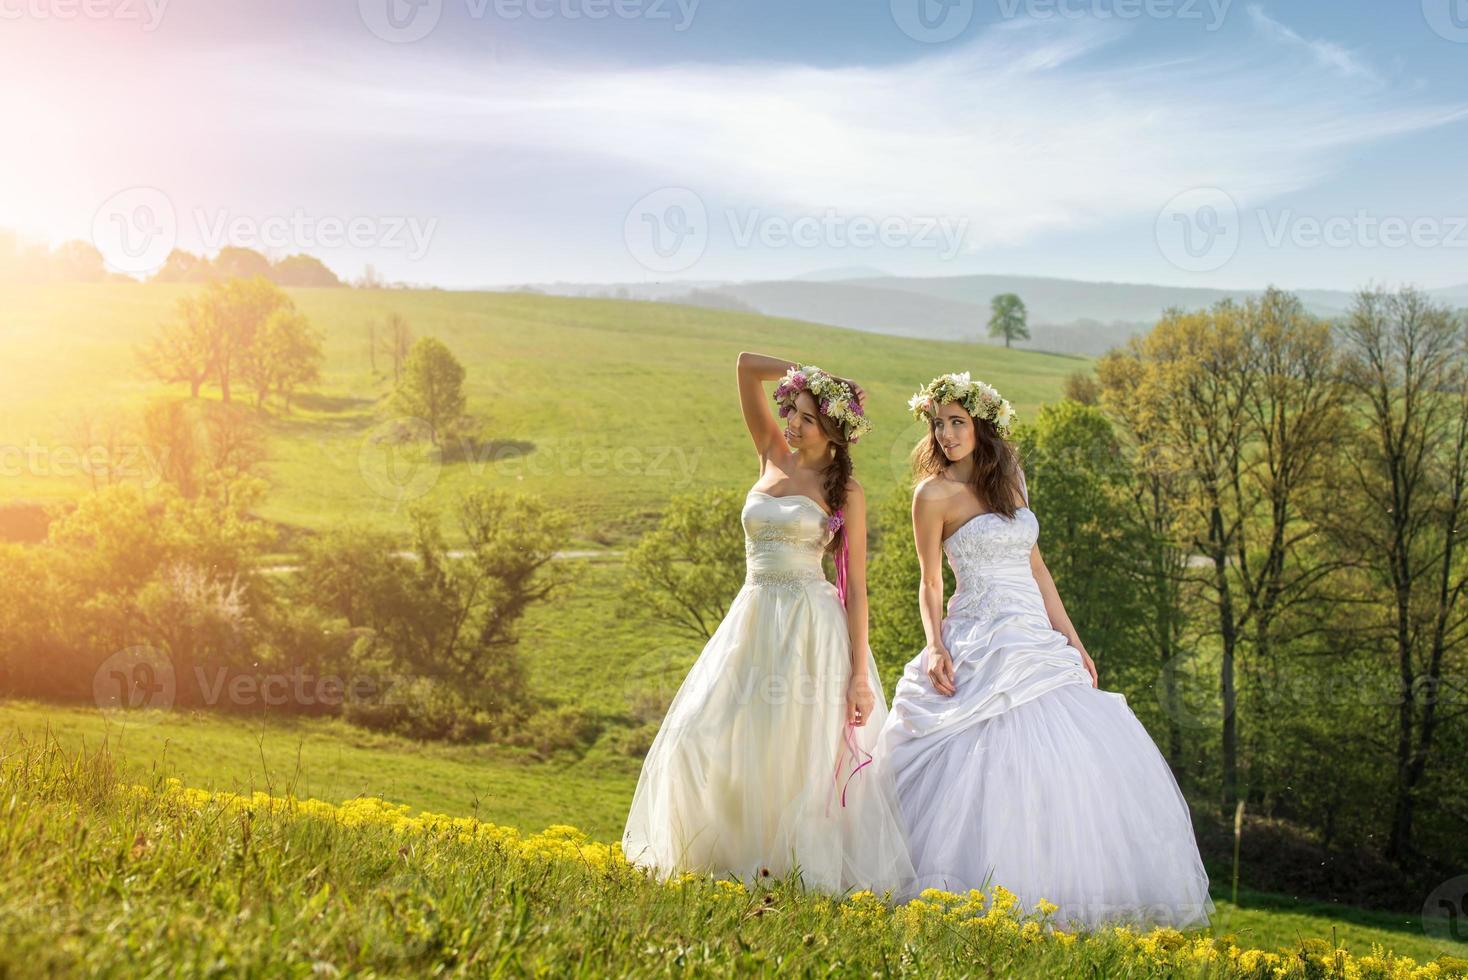 2 mooie bruid op een weide in de vroege ochtend foto